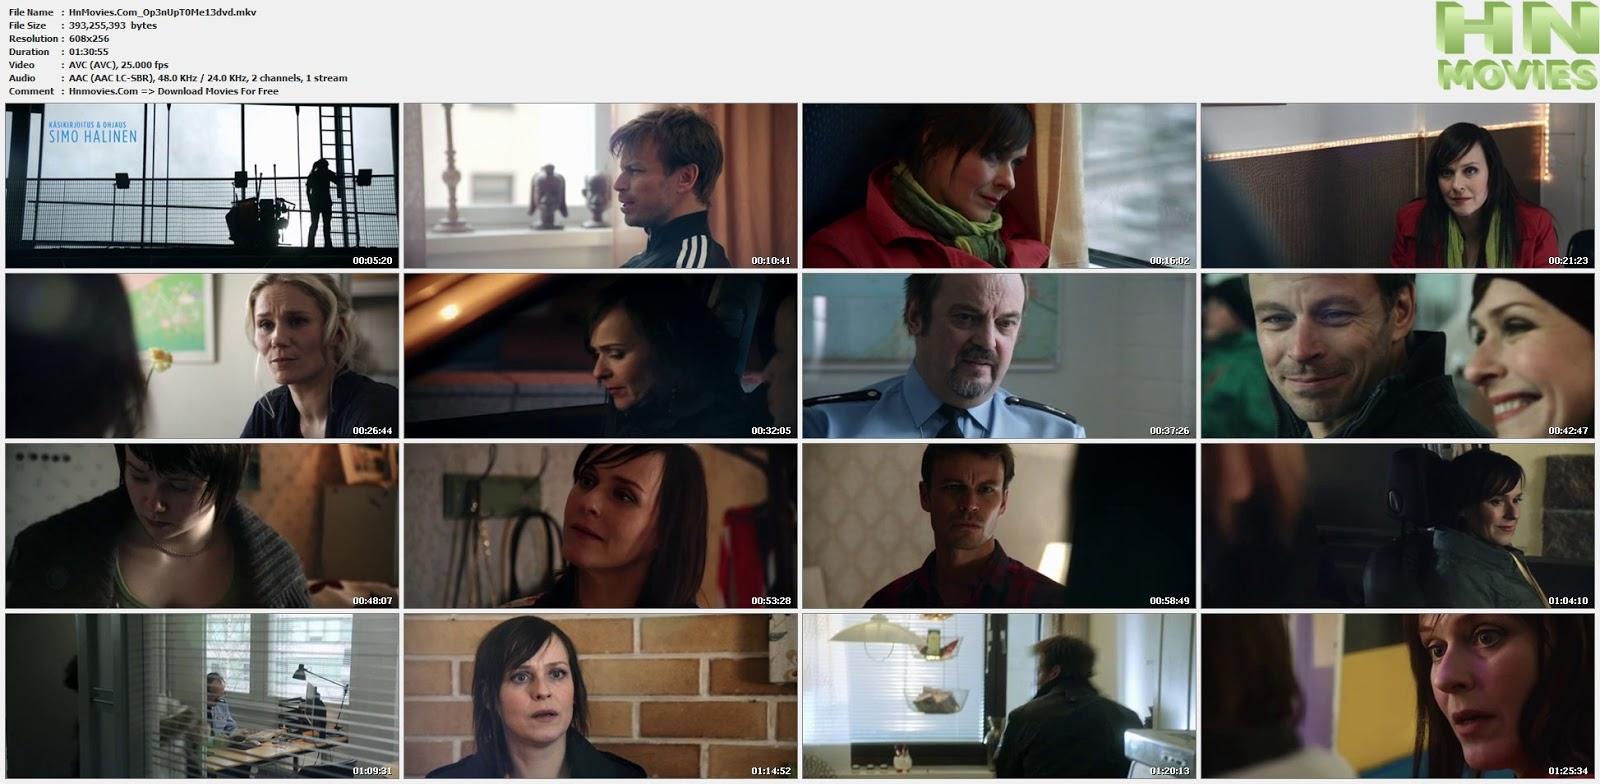 movie screenshot of Open Up to Me fdmovie.com